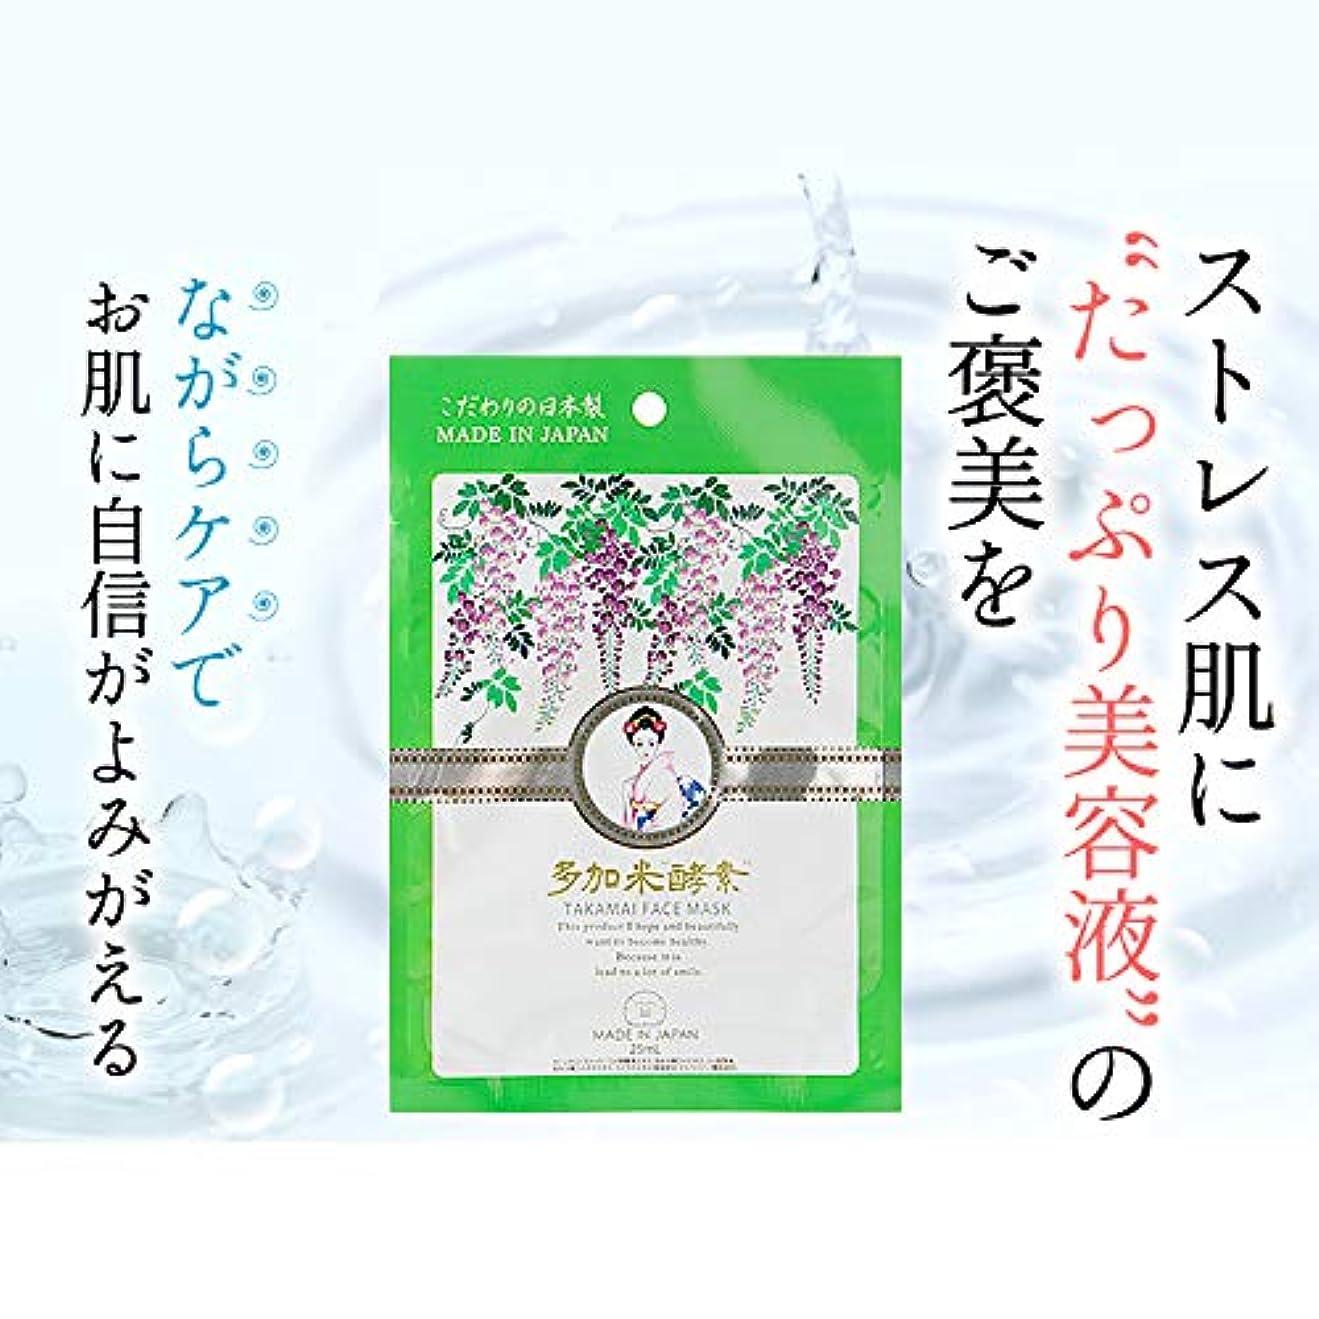 超える逆に浴室多加米酵素フェイスマスク シートマスク フェイスマスク 保湿マスク 美容液 25ml 10枚セット